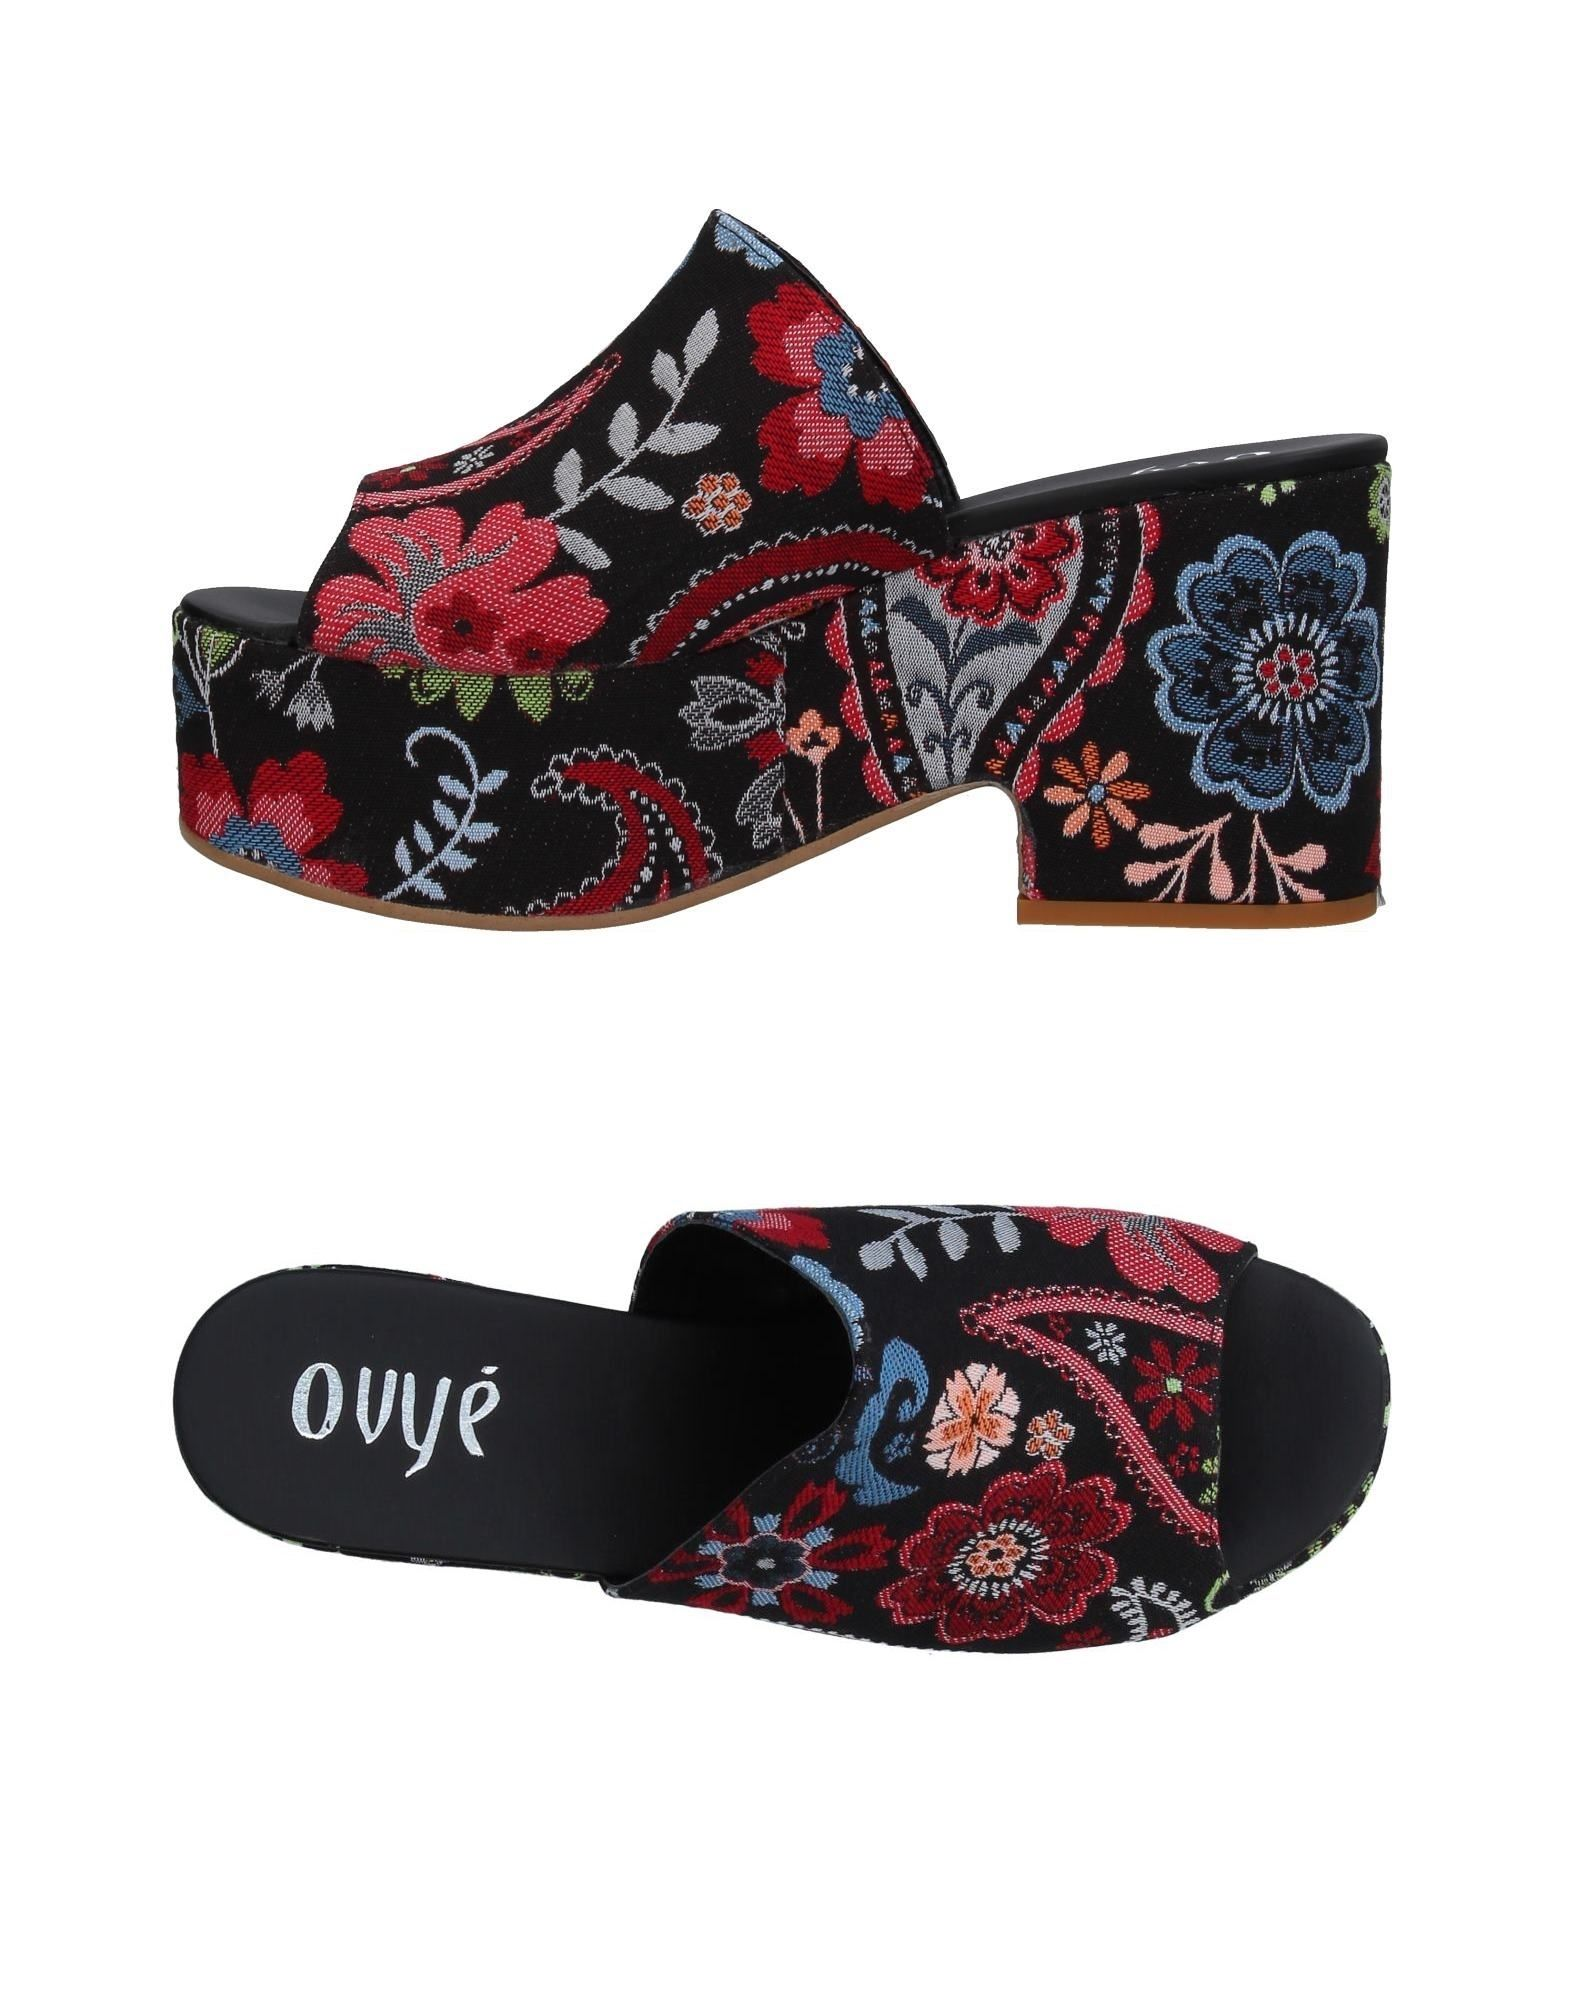 Ovye' By Cristina Lucchi Sandalen Damen  11353767MD Gute Qualität beliebte Schuhe